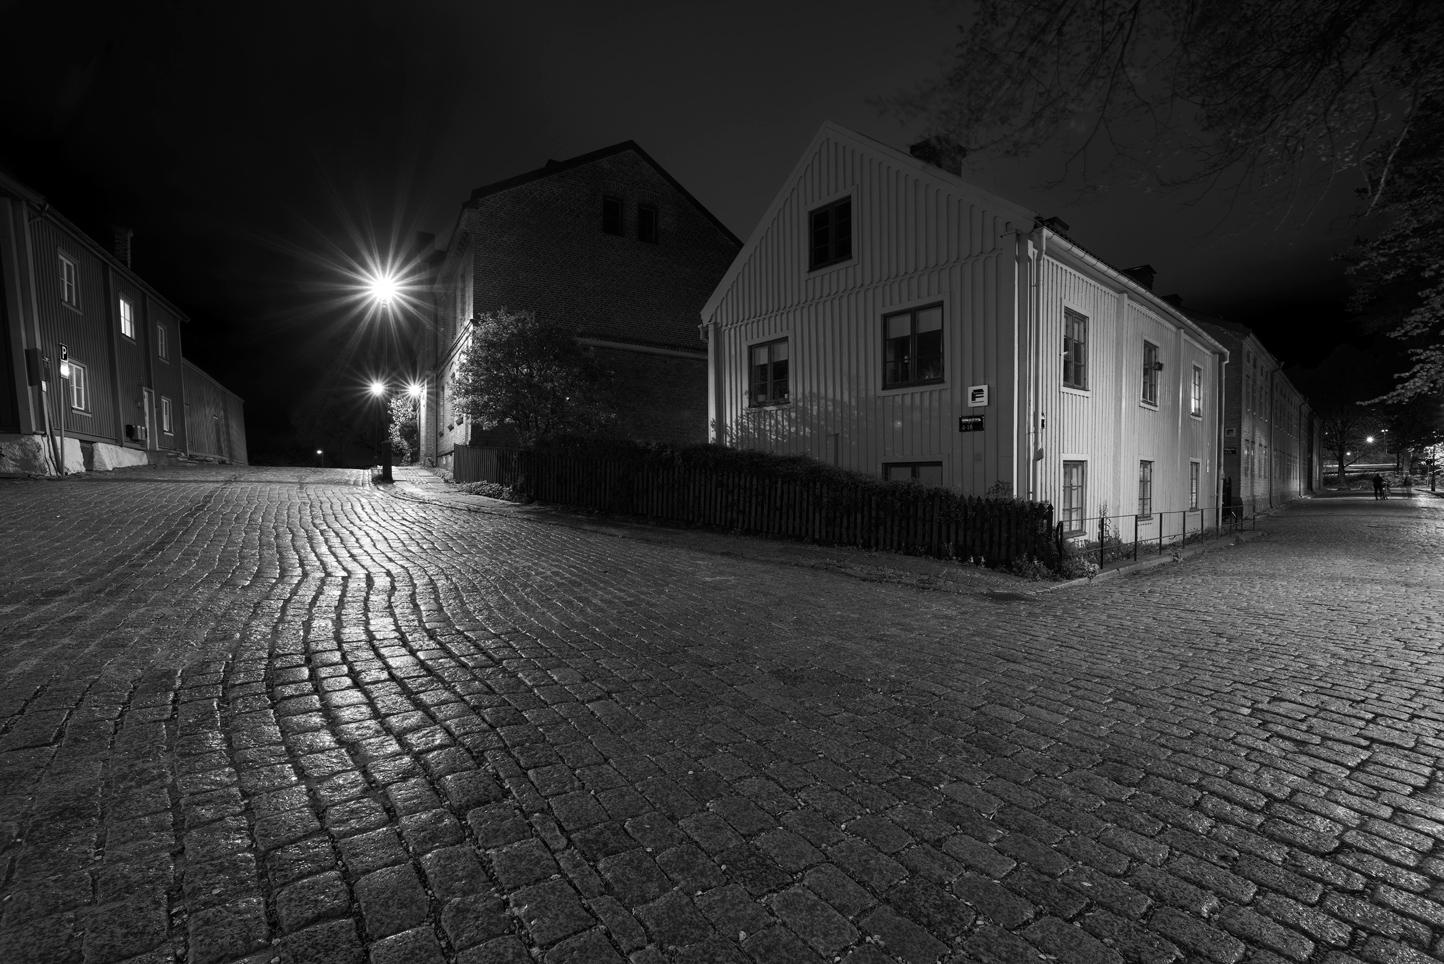 Foto: Leif Ljungquist. Kväll i Klippan.